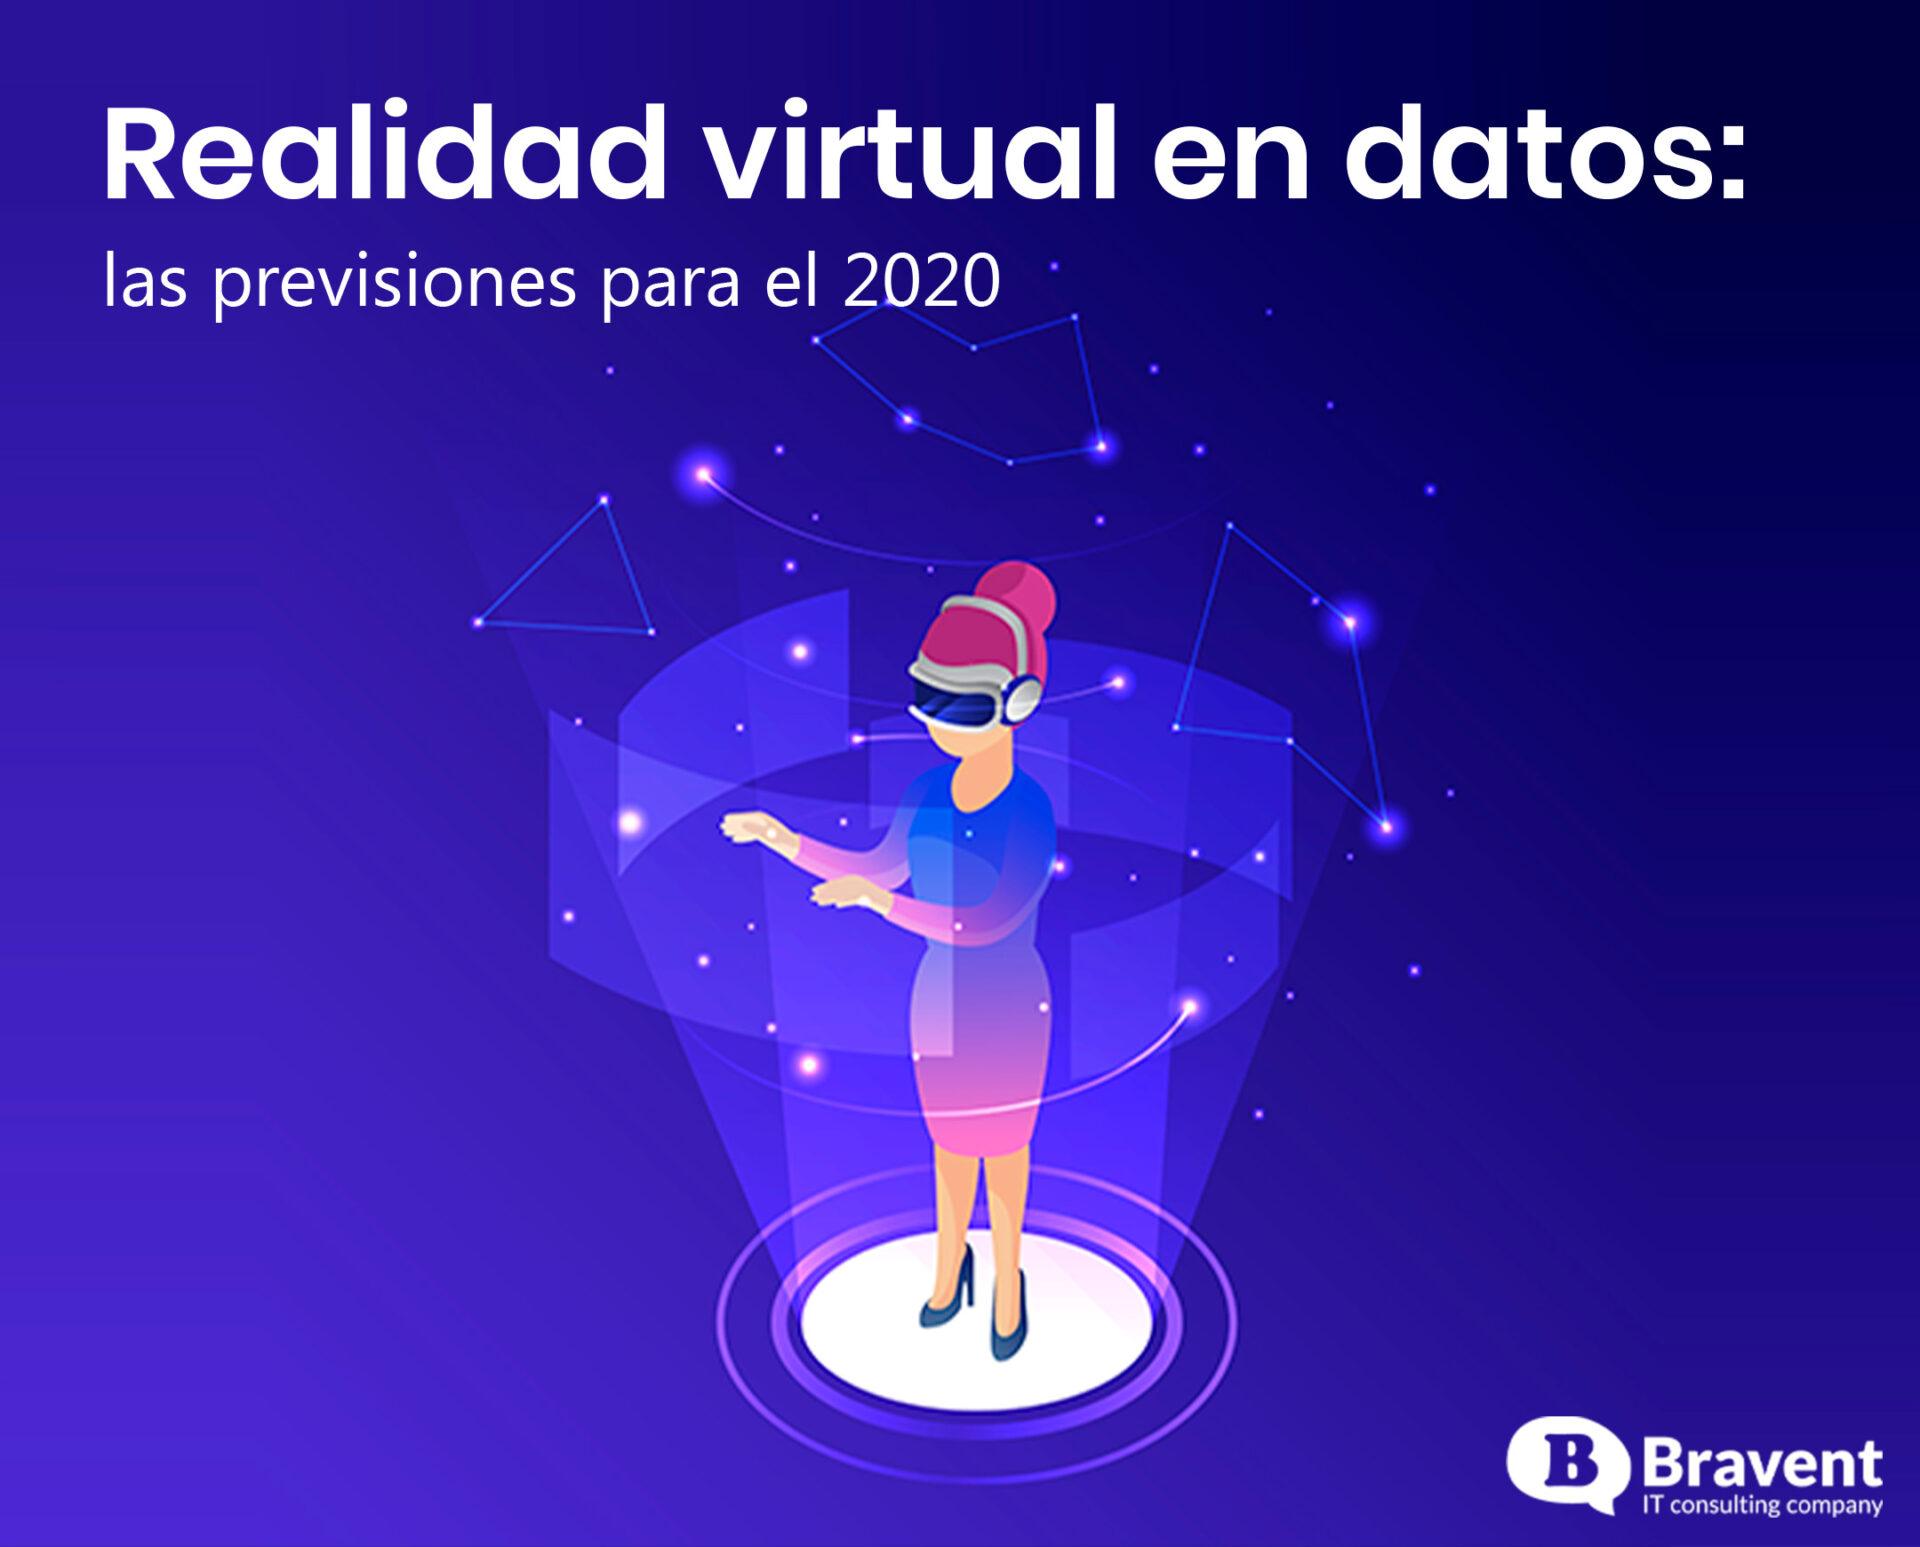 Realidad Virtual en datos: las previsiones para 2020